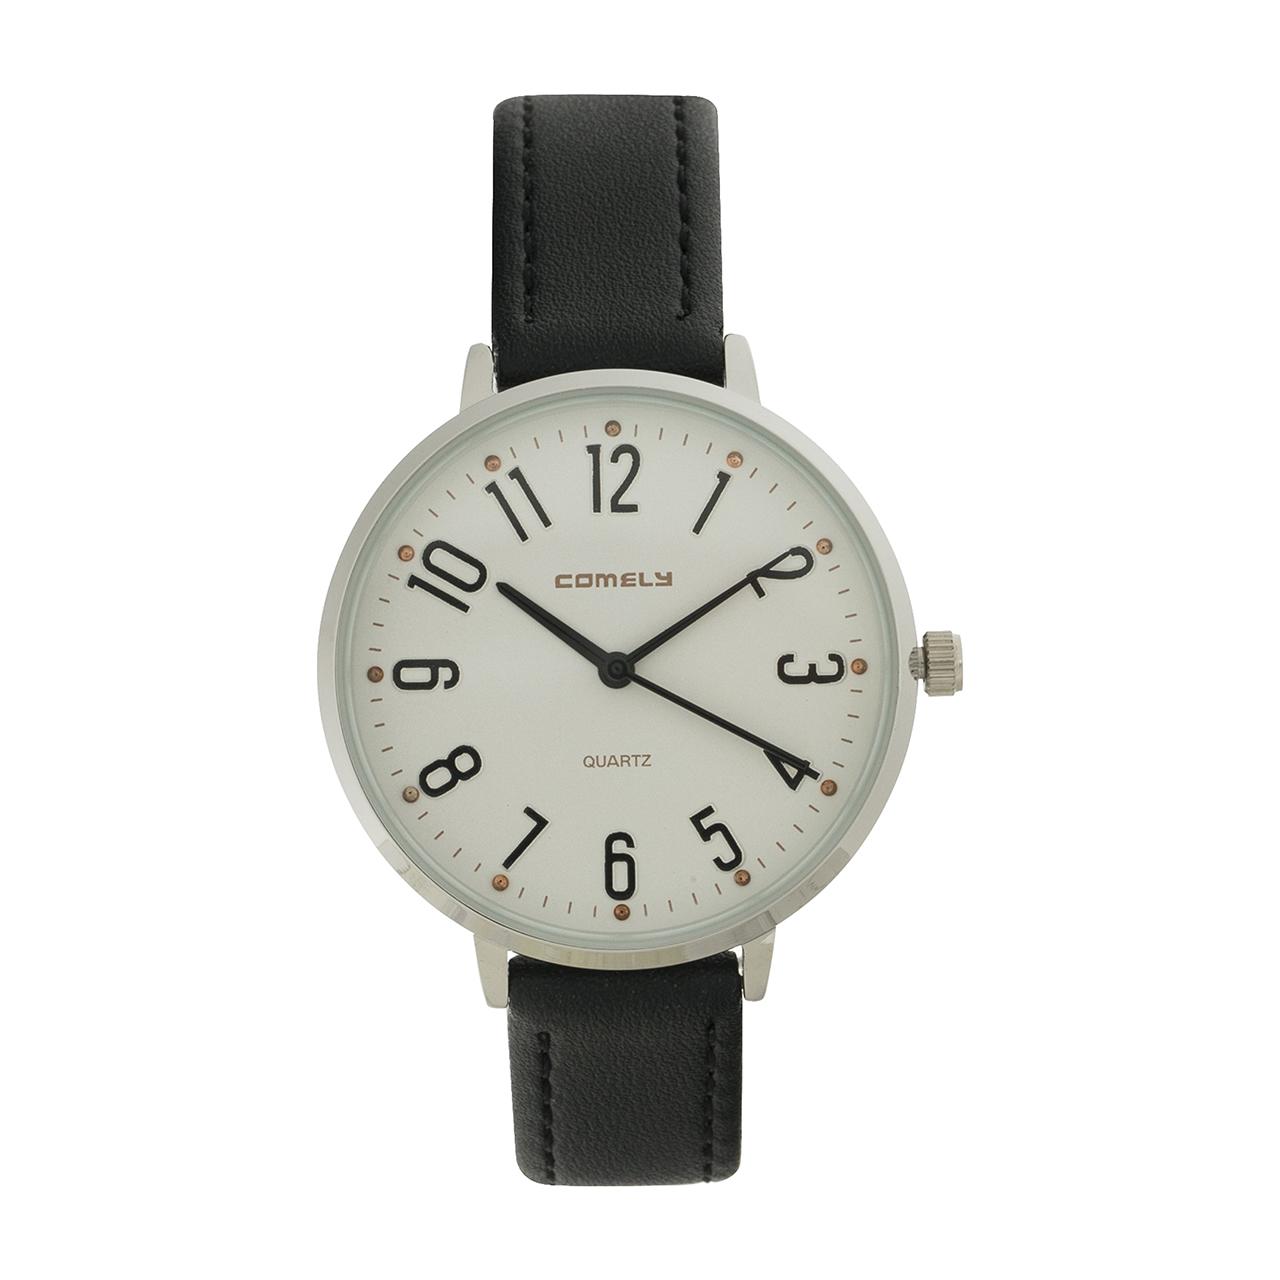 ساعت مچی عقربه ای کاملی مدل C6036-15